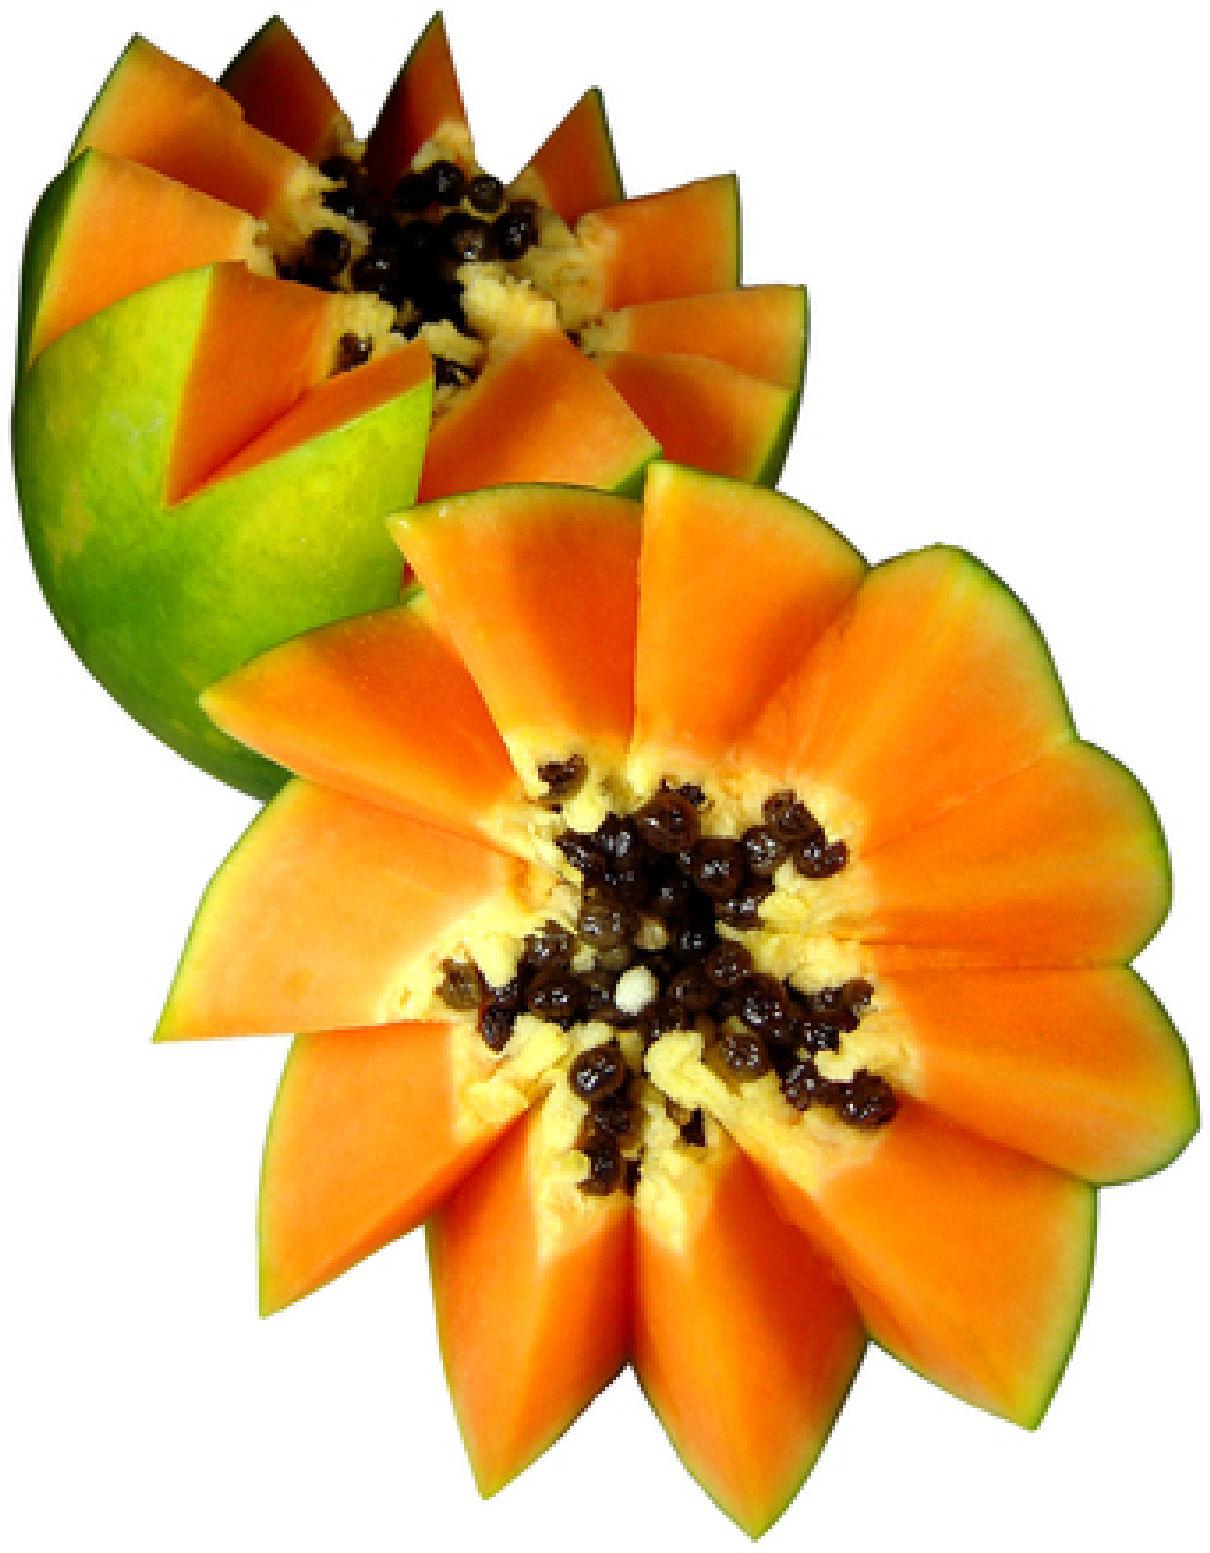 Beneficios de la papaya - Se pueden congelar las almejas crudas ...